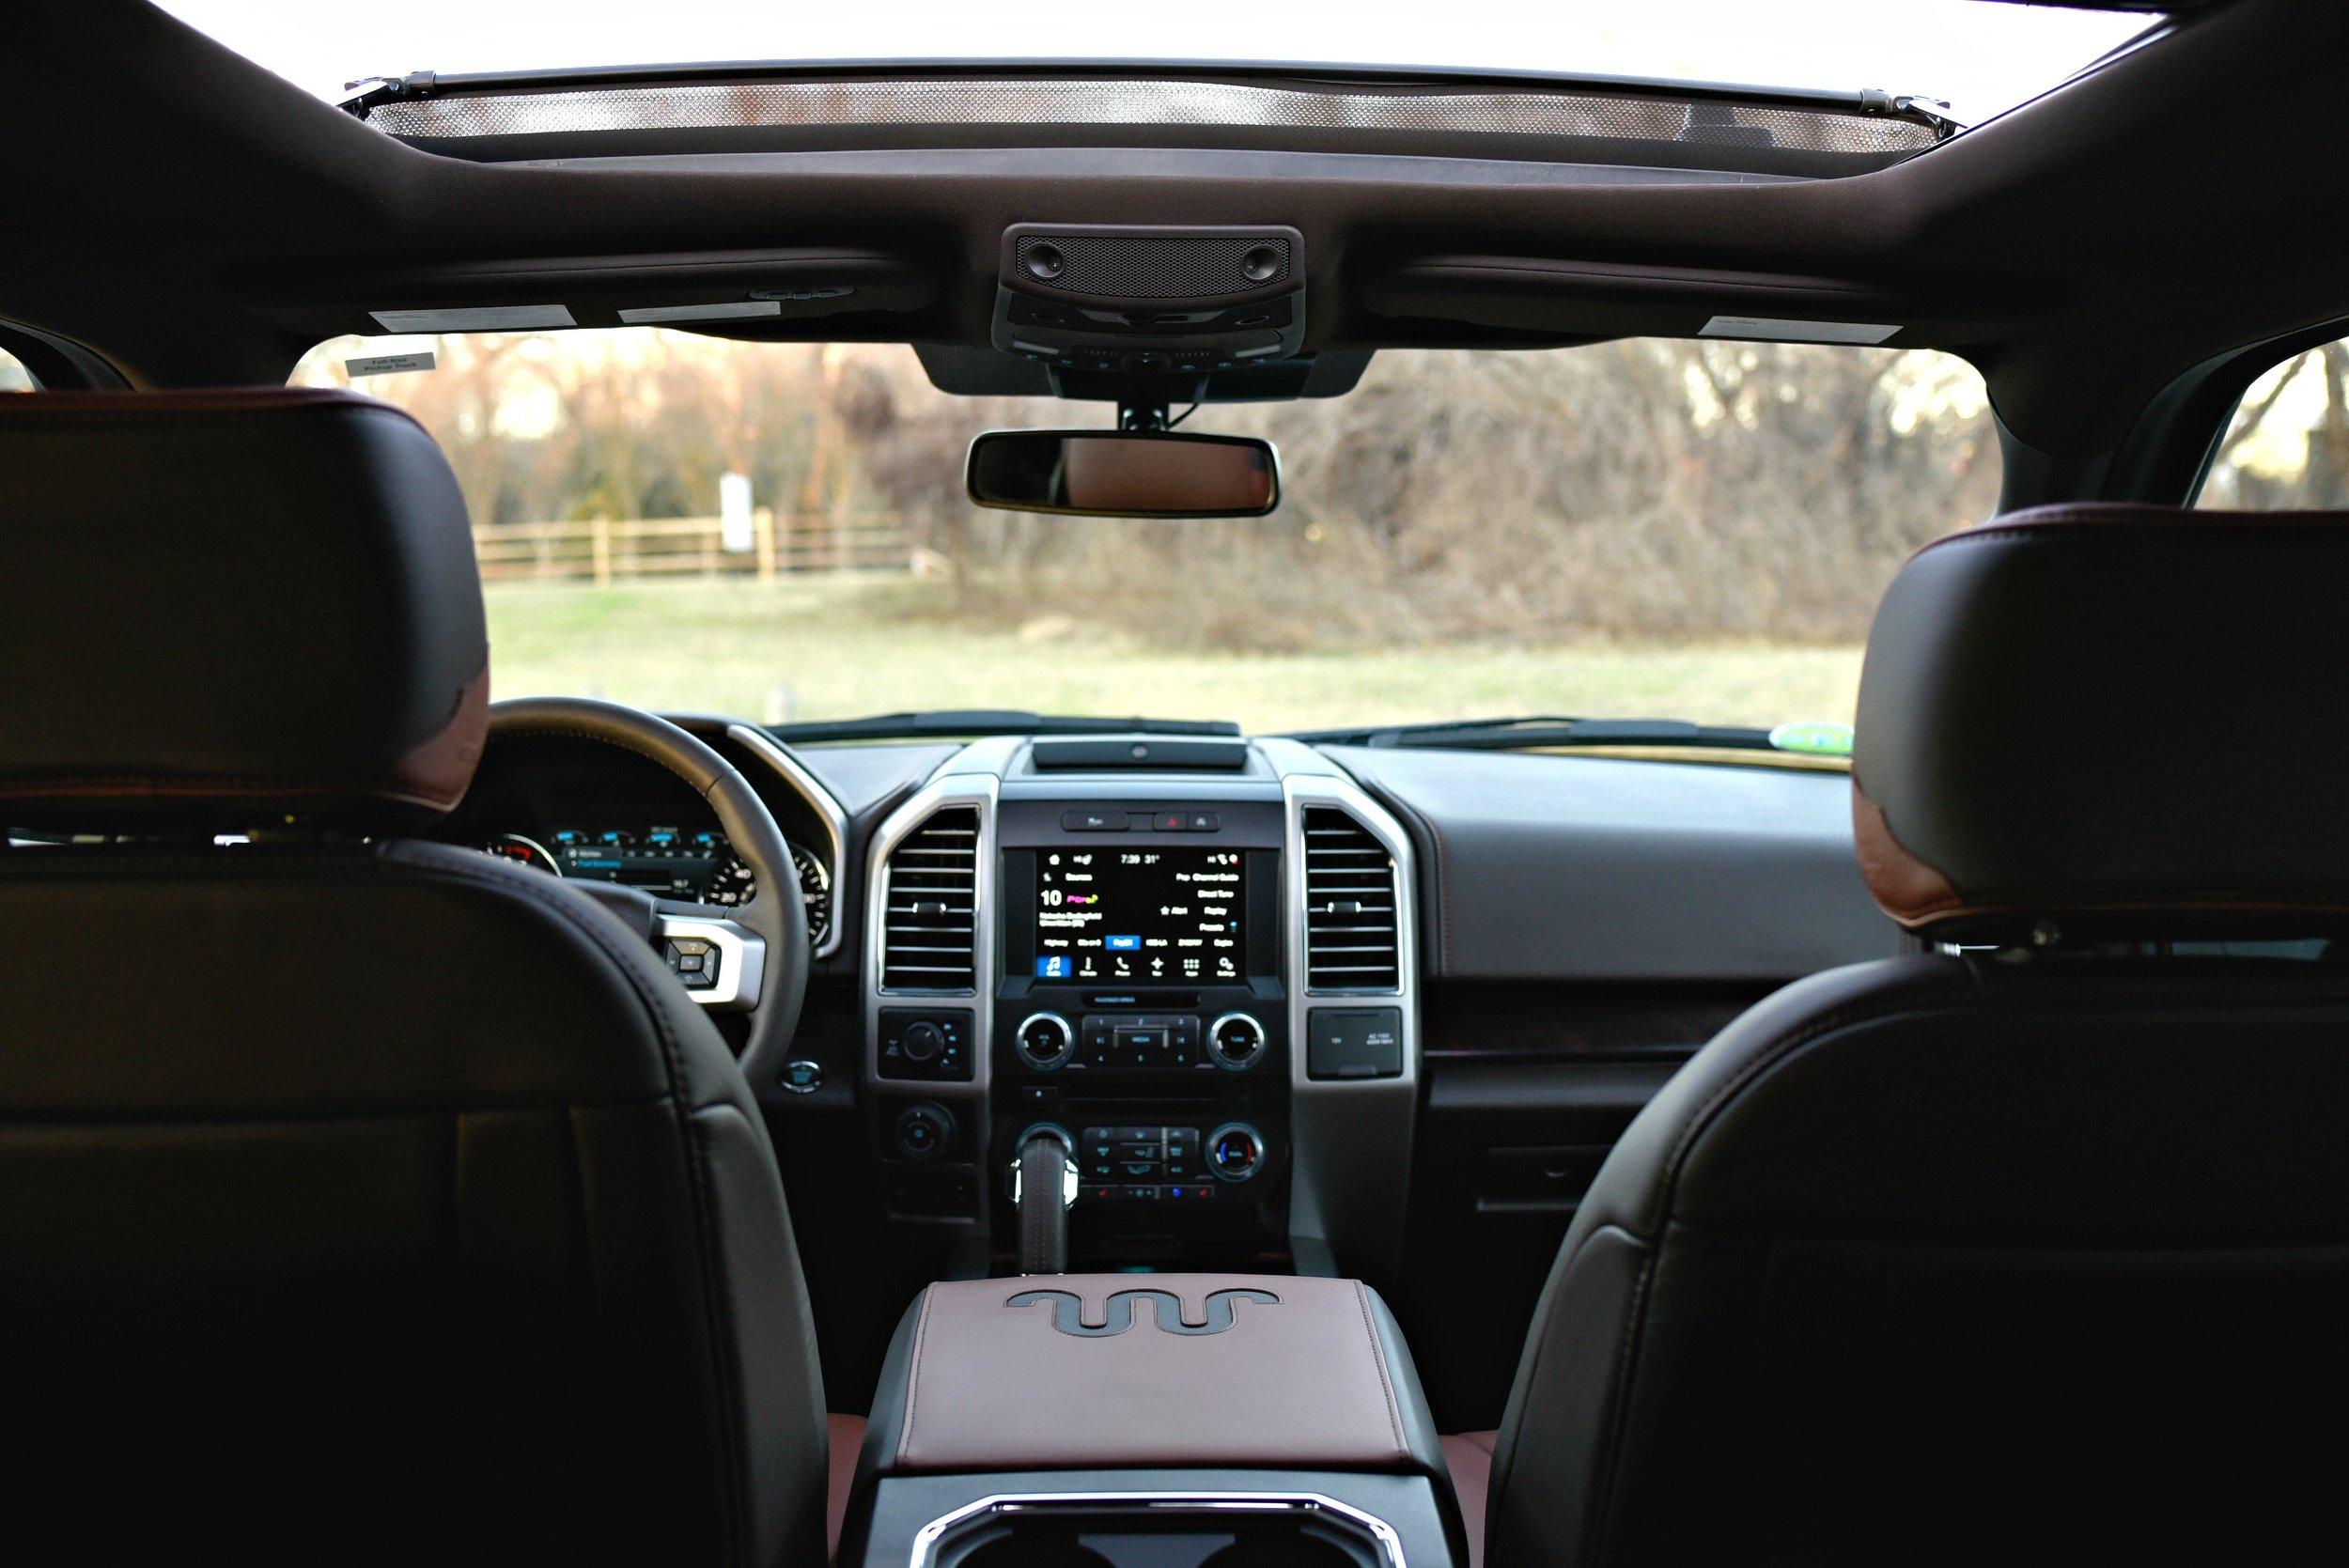 F150-Interior-From-Back.jpg